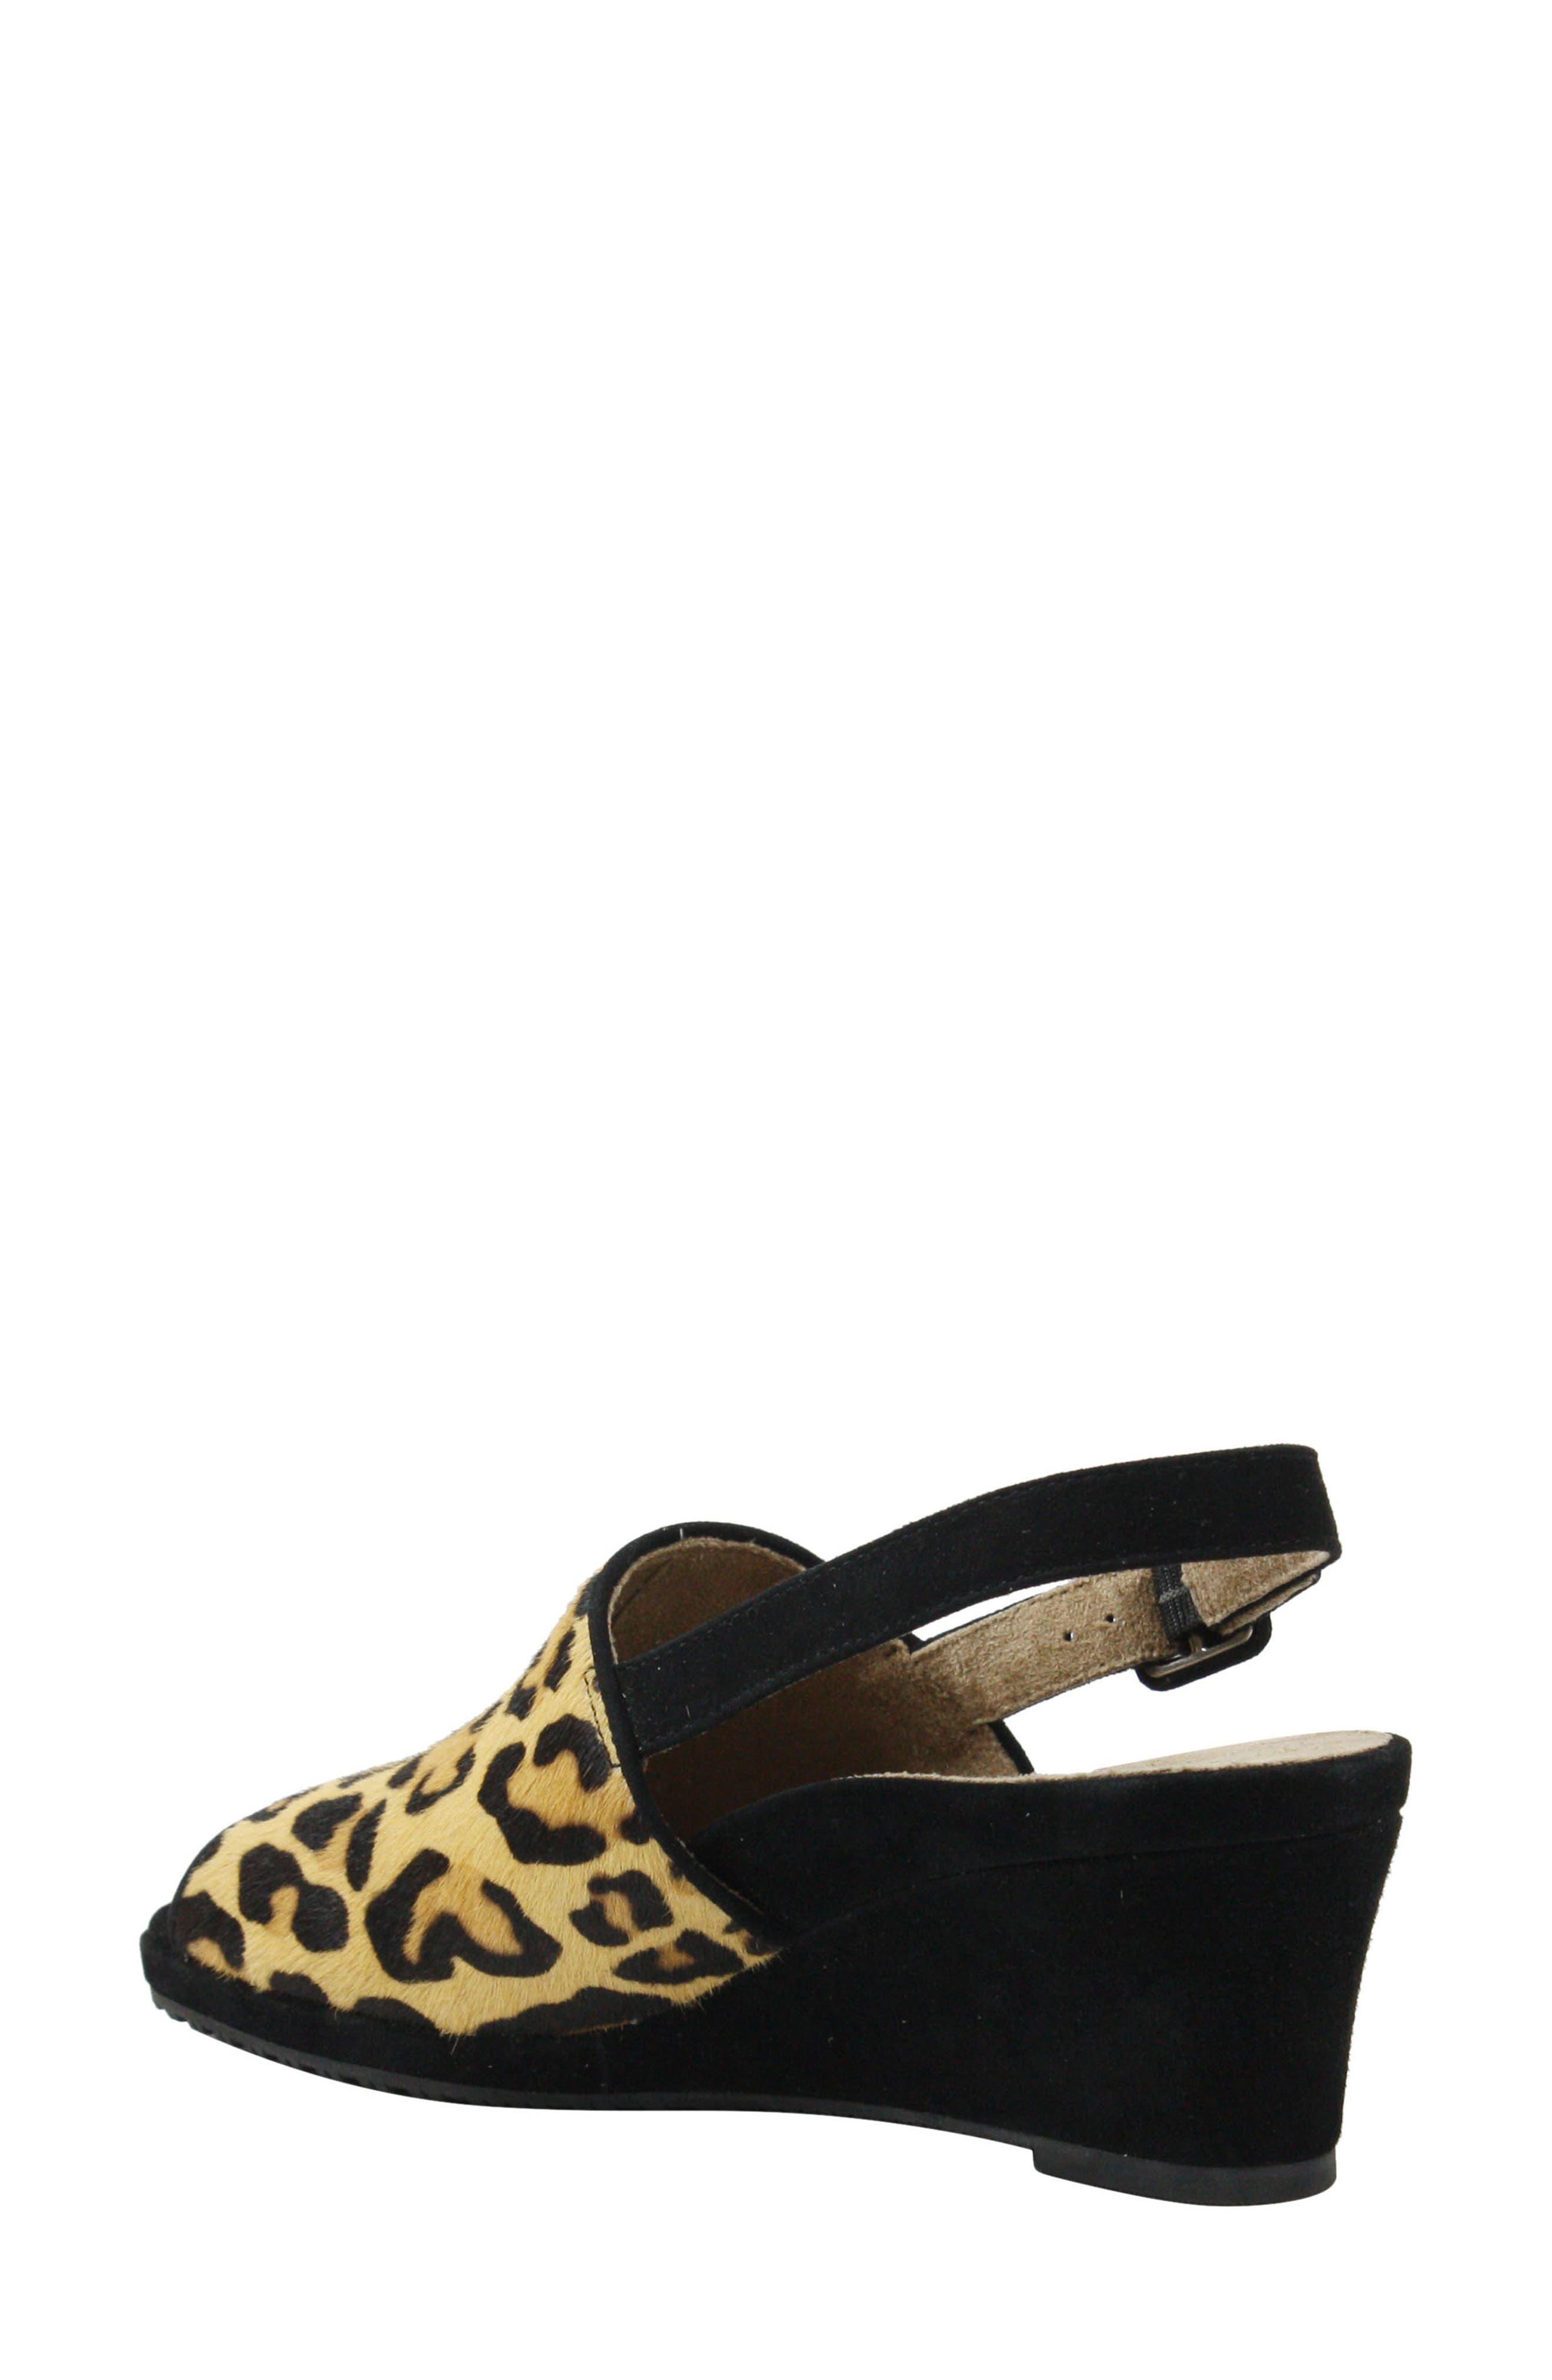 J.Reneé Anselma Genuine Calf Hair Wedge Sandal,                             Alternate thumbnail 2, color,                             LEOPARD CALF HAIR